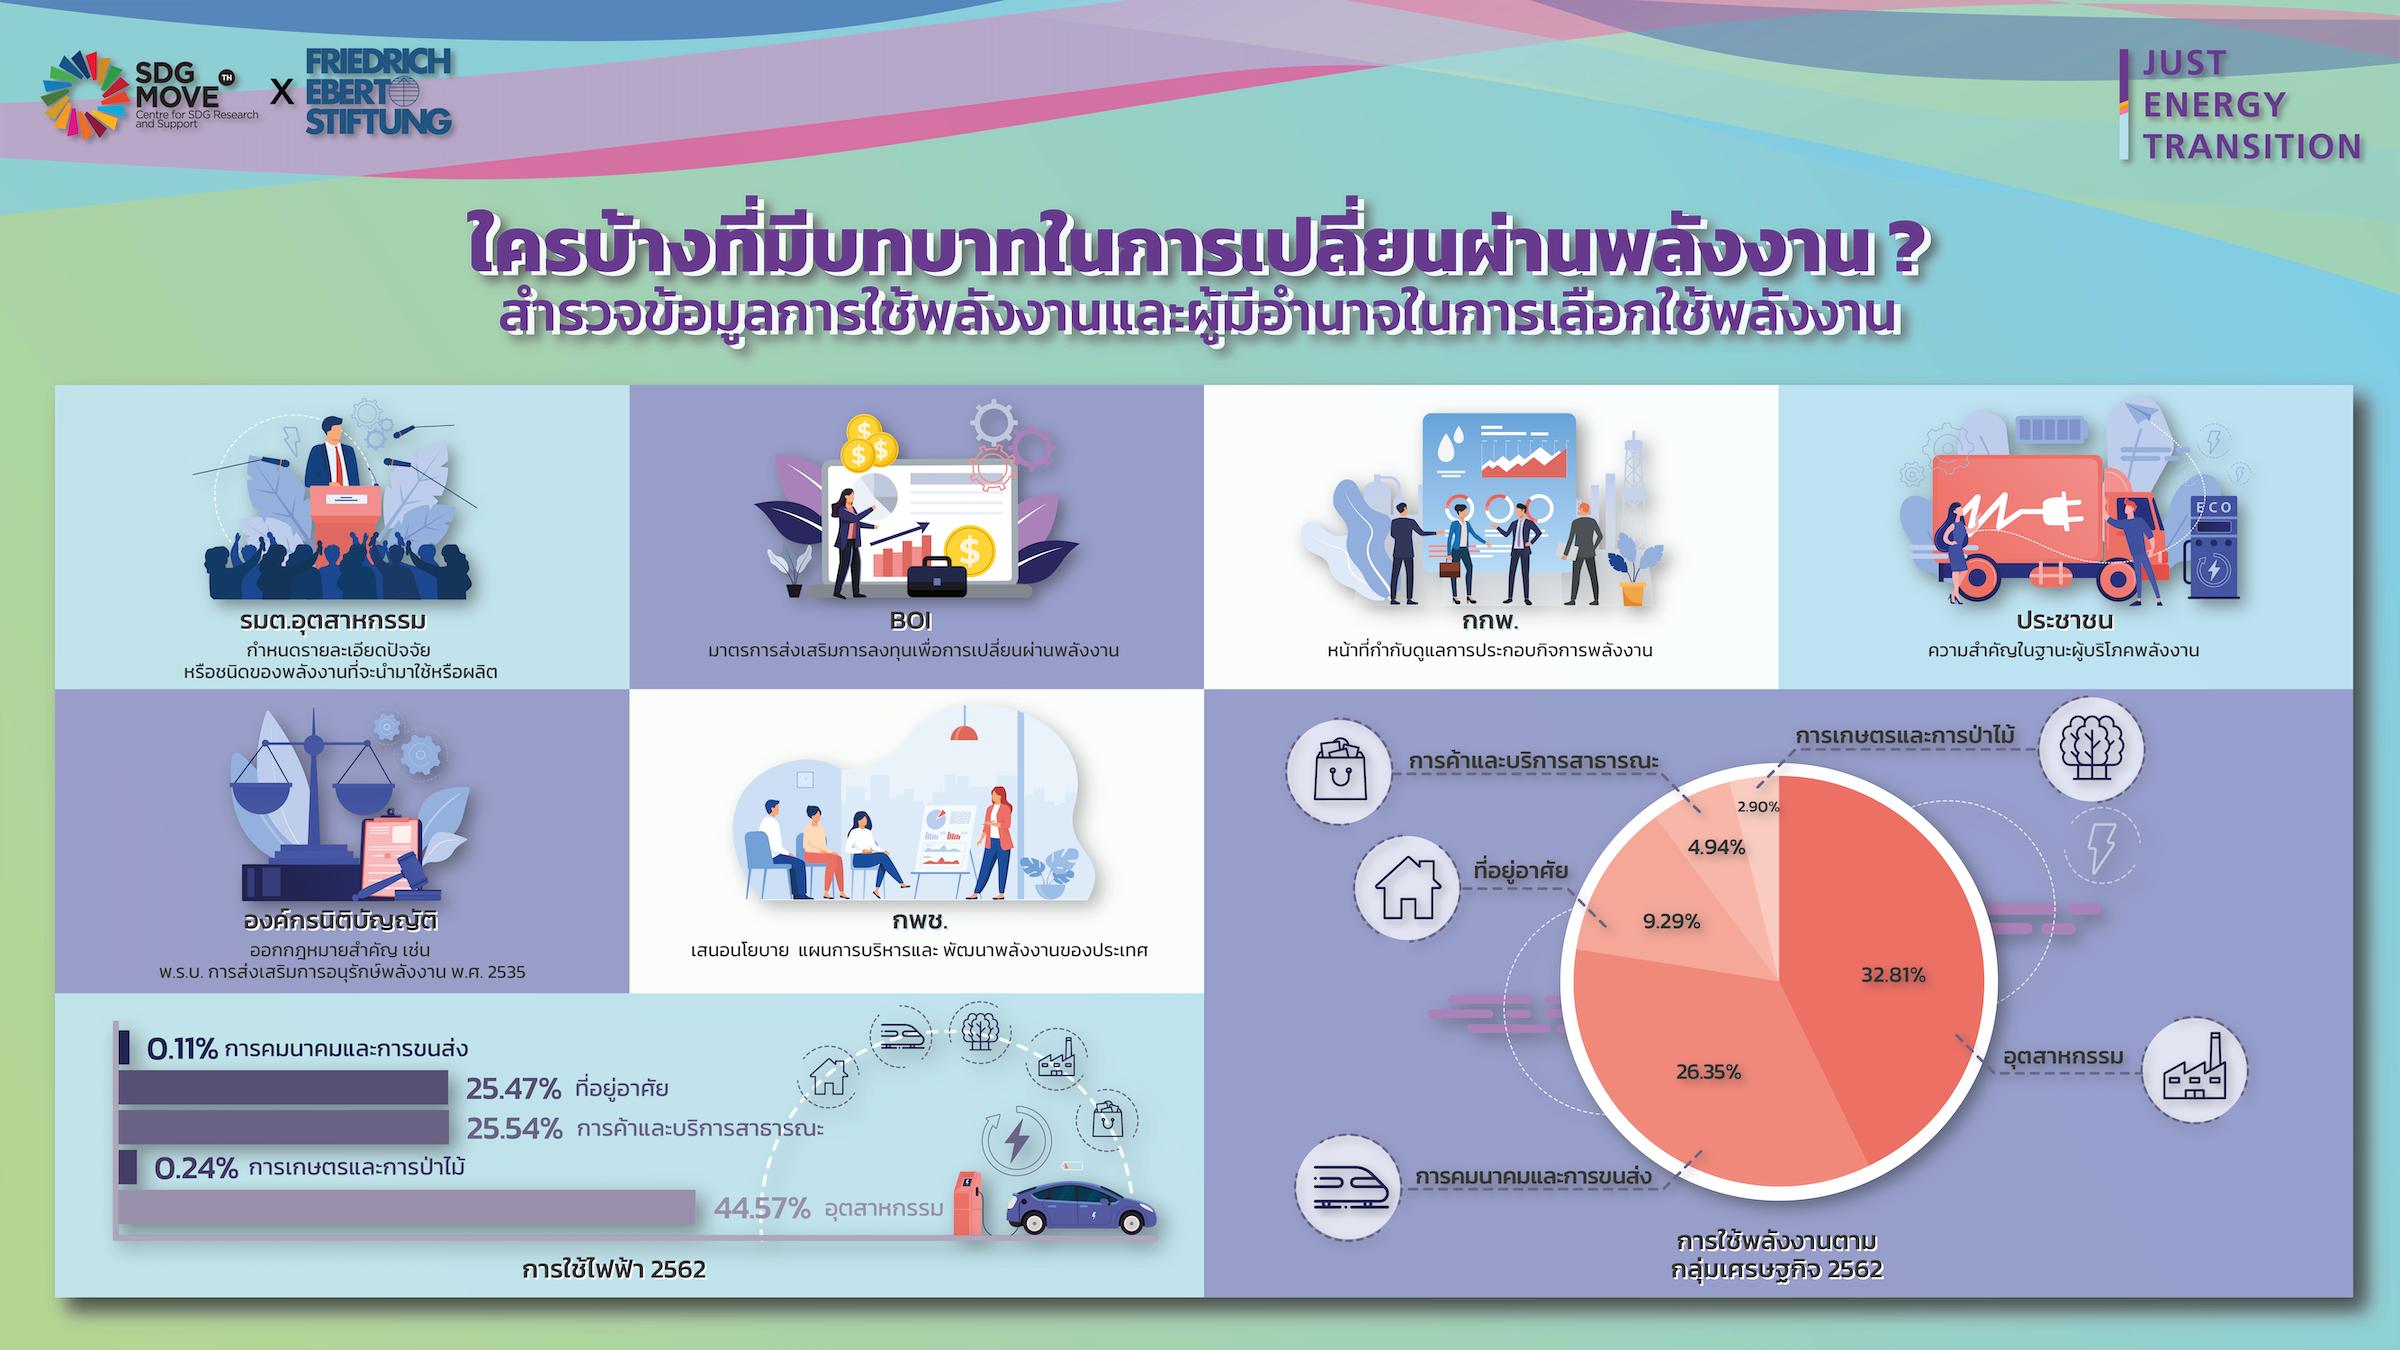 SDG Updates   ใครบ้างที่มีบทบาทในการเปลี่ยนผ่านพลังงาน? : สำรวจข้อมูลการใช้พลังงานและผู้มีอำนาจในการเลือกใช้พลังงานของไทย (EP.7)